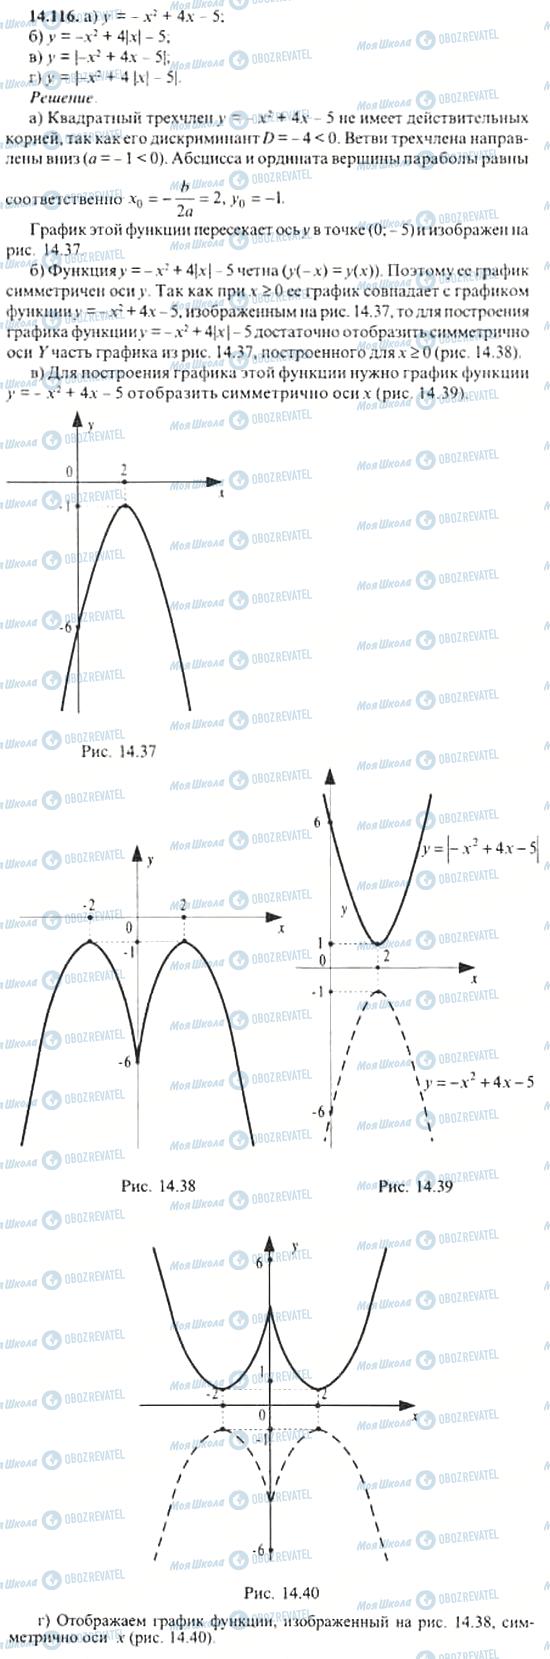 ГДЗ Алгебра 11 класс страница 14.116